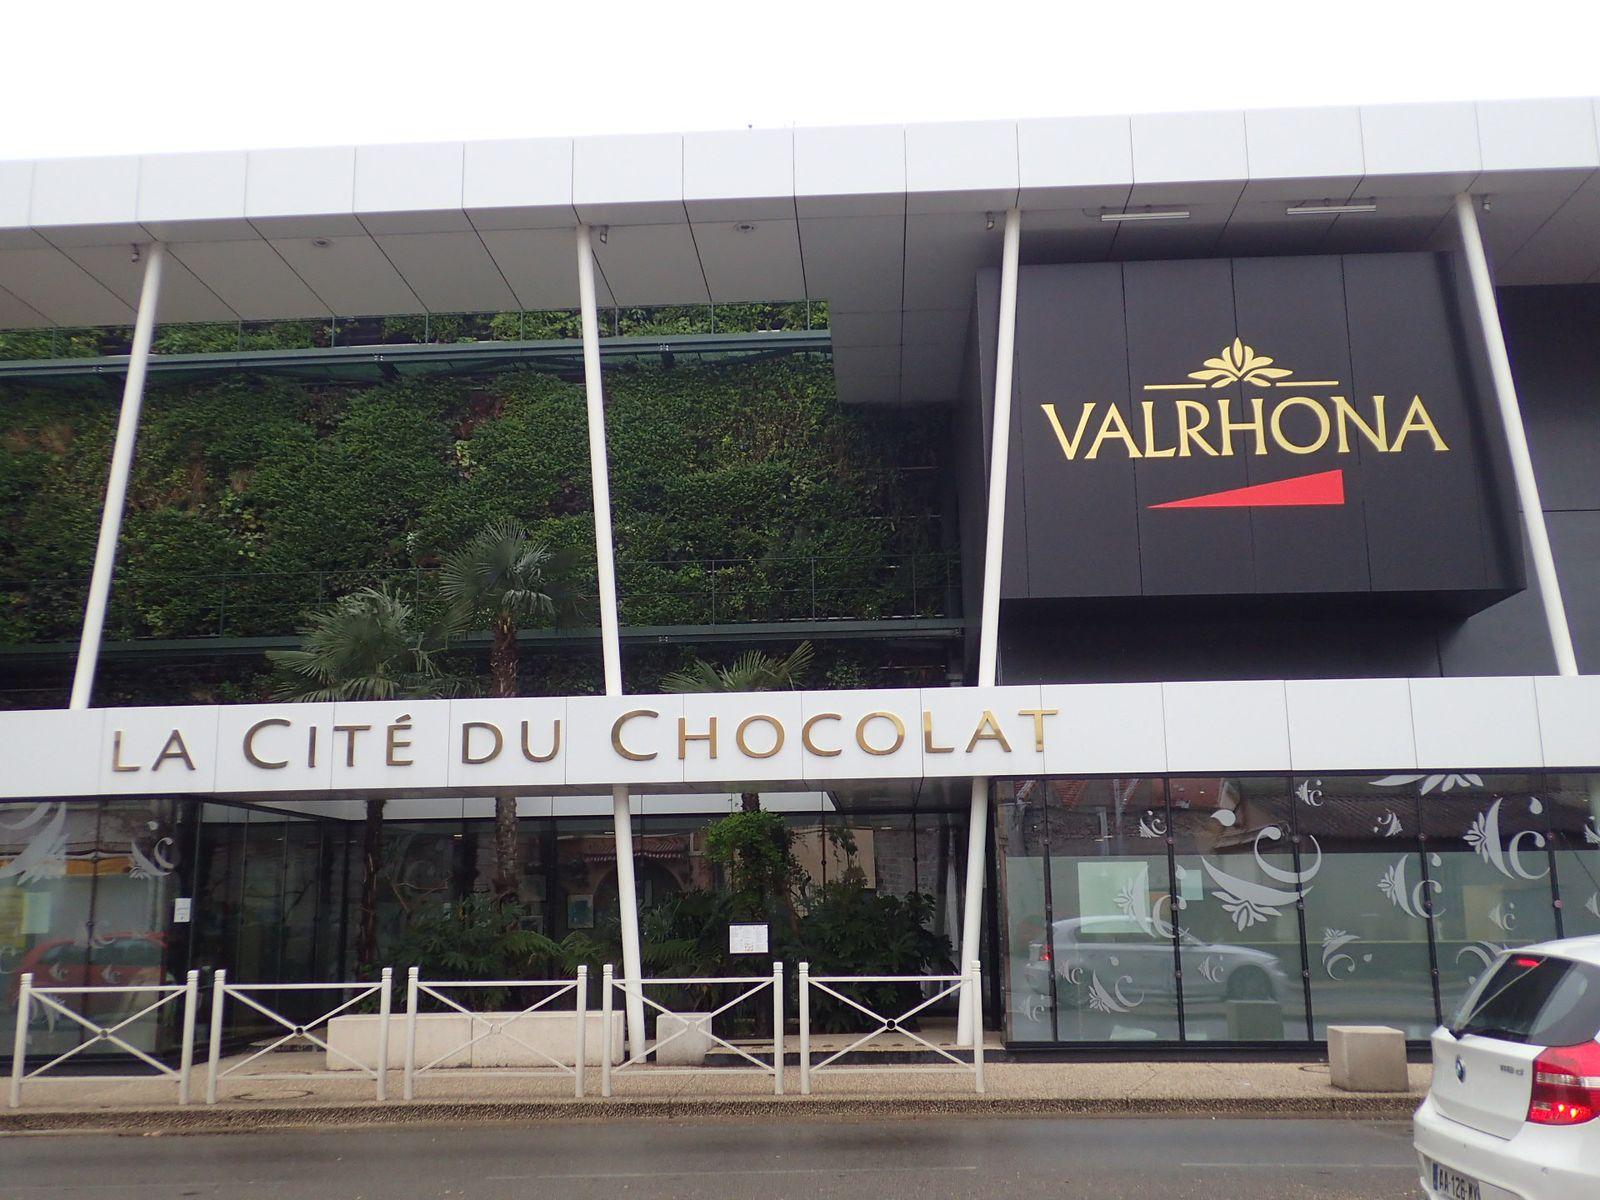 La cité du chocolat